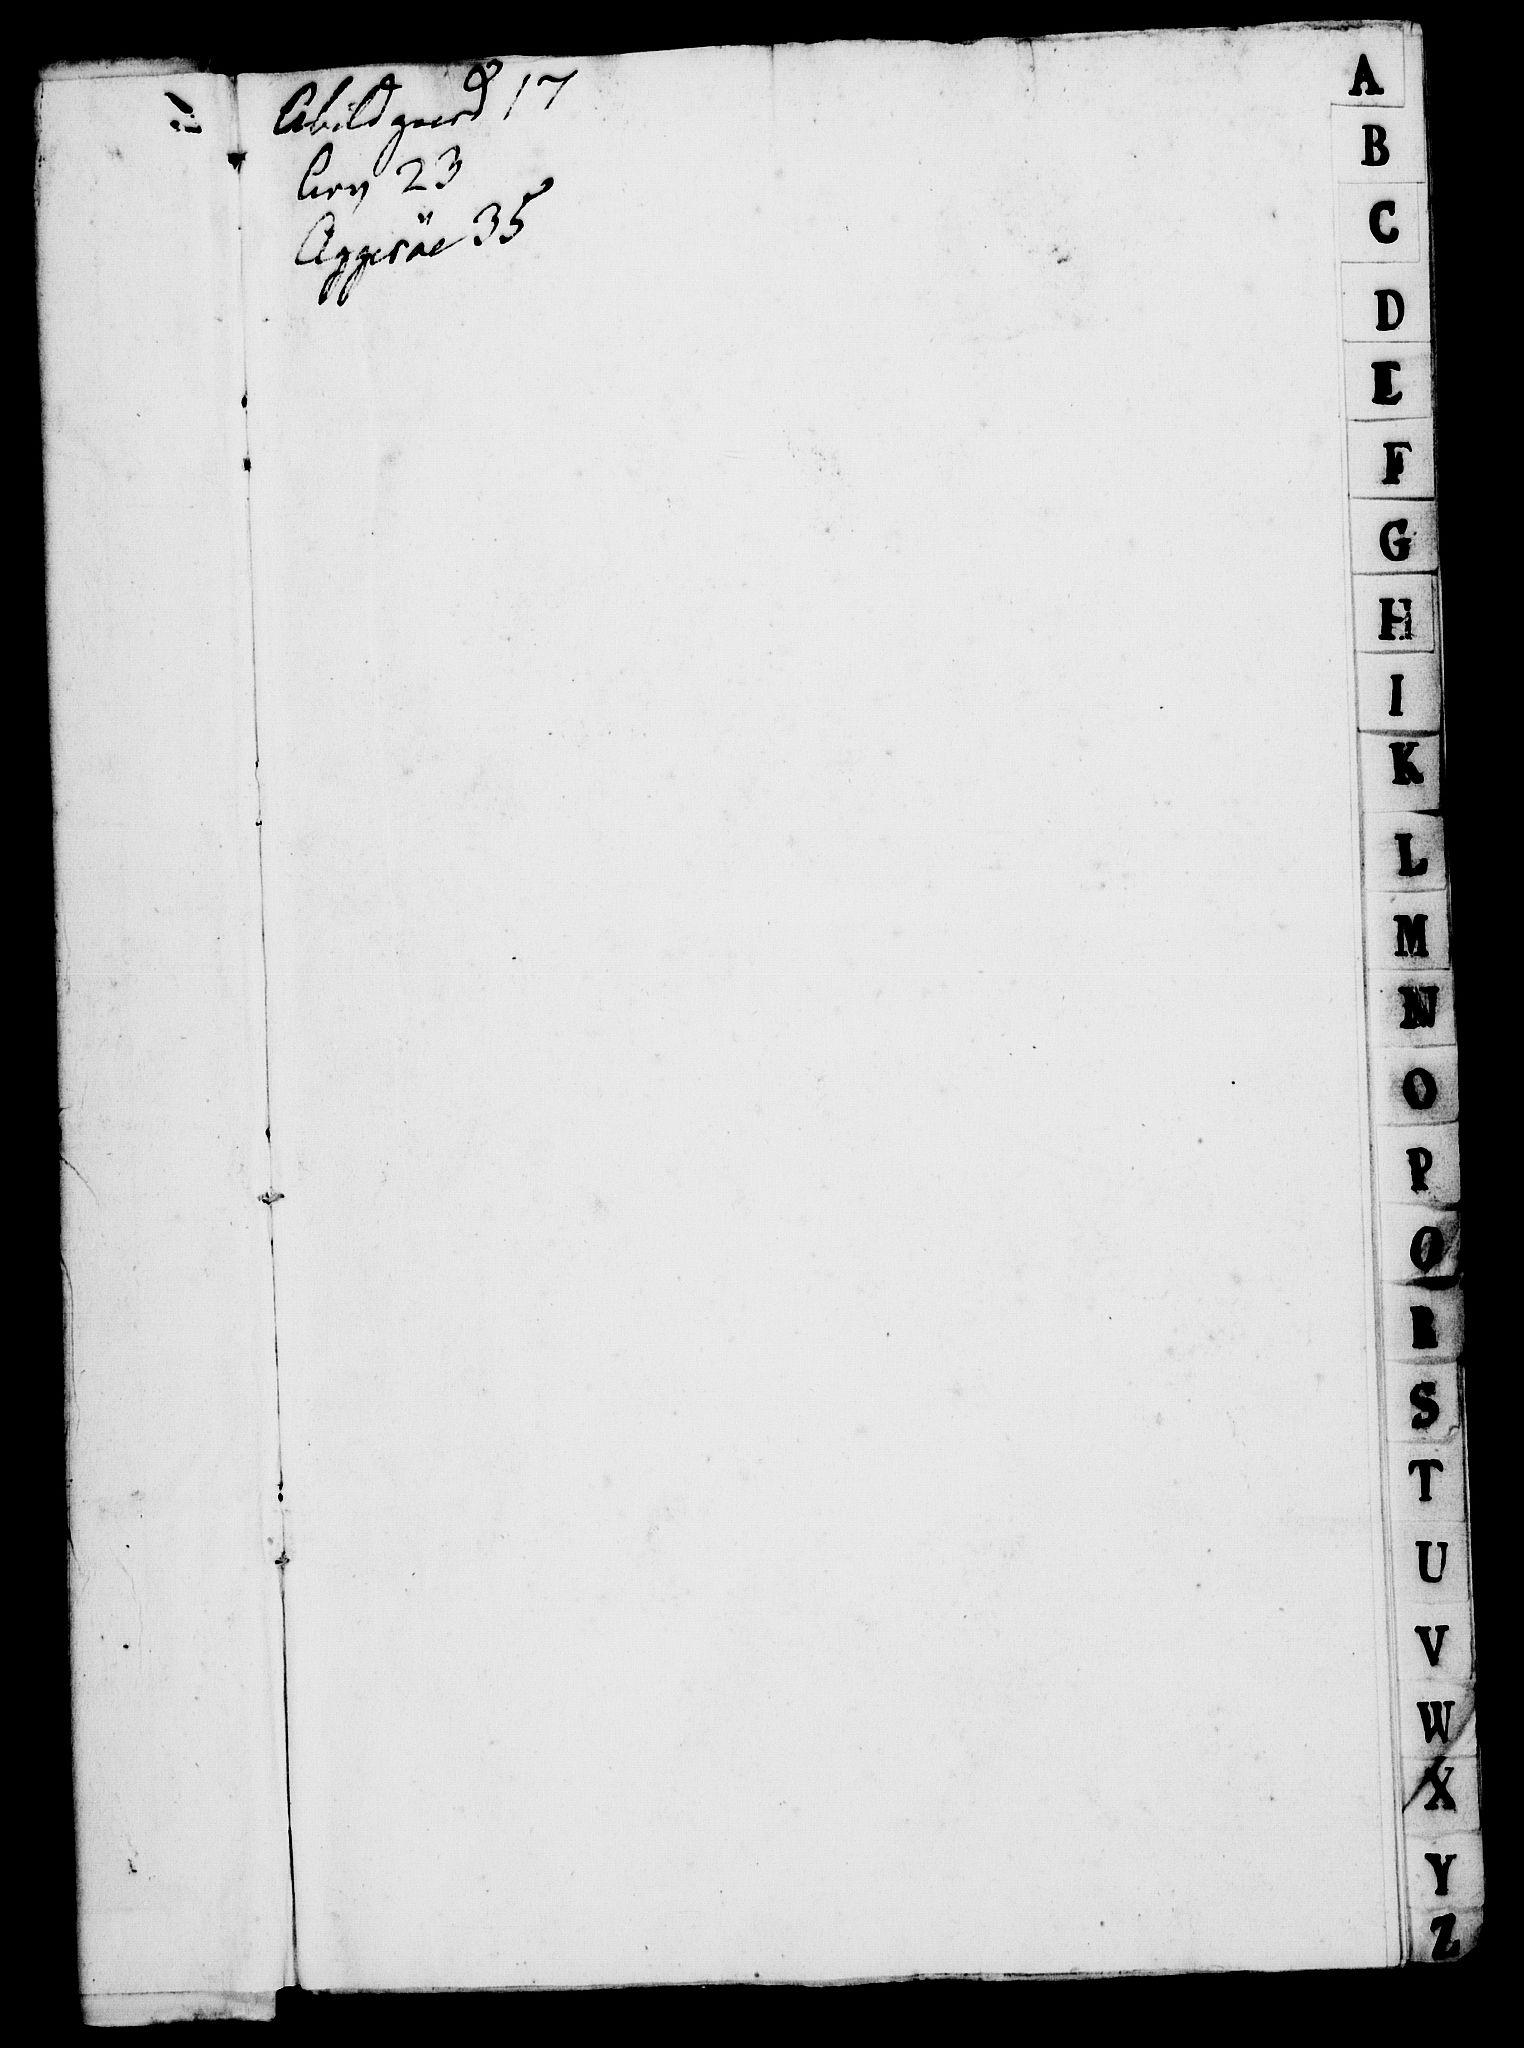 RA, Rentekammeret, Kammerkanselliet, G/Gf/Gfa/L0029: Norsk relasjons- og resolusjonsprotokoll (merket RK 52.29), 1746-1747, s. 3